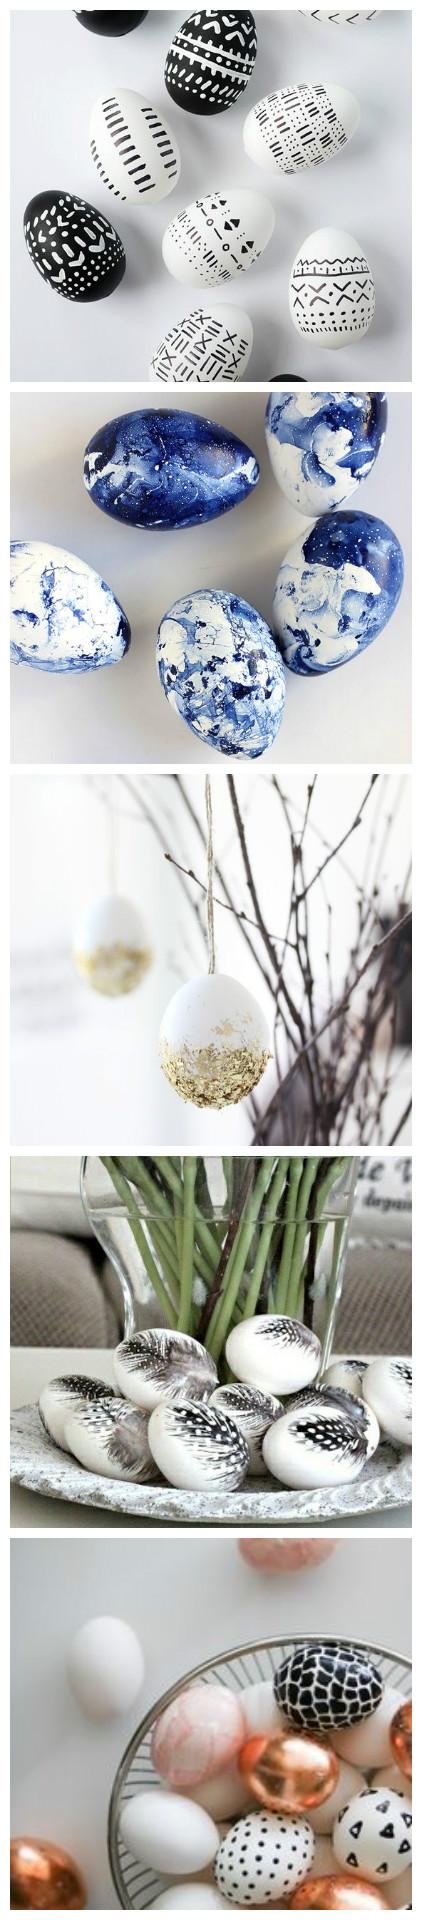 décoration de Pâques à faire soi même enfant